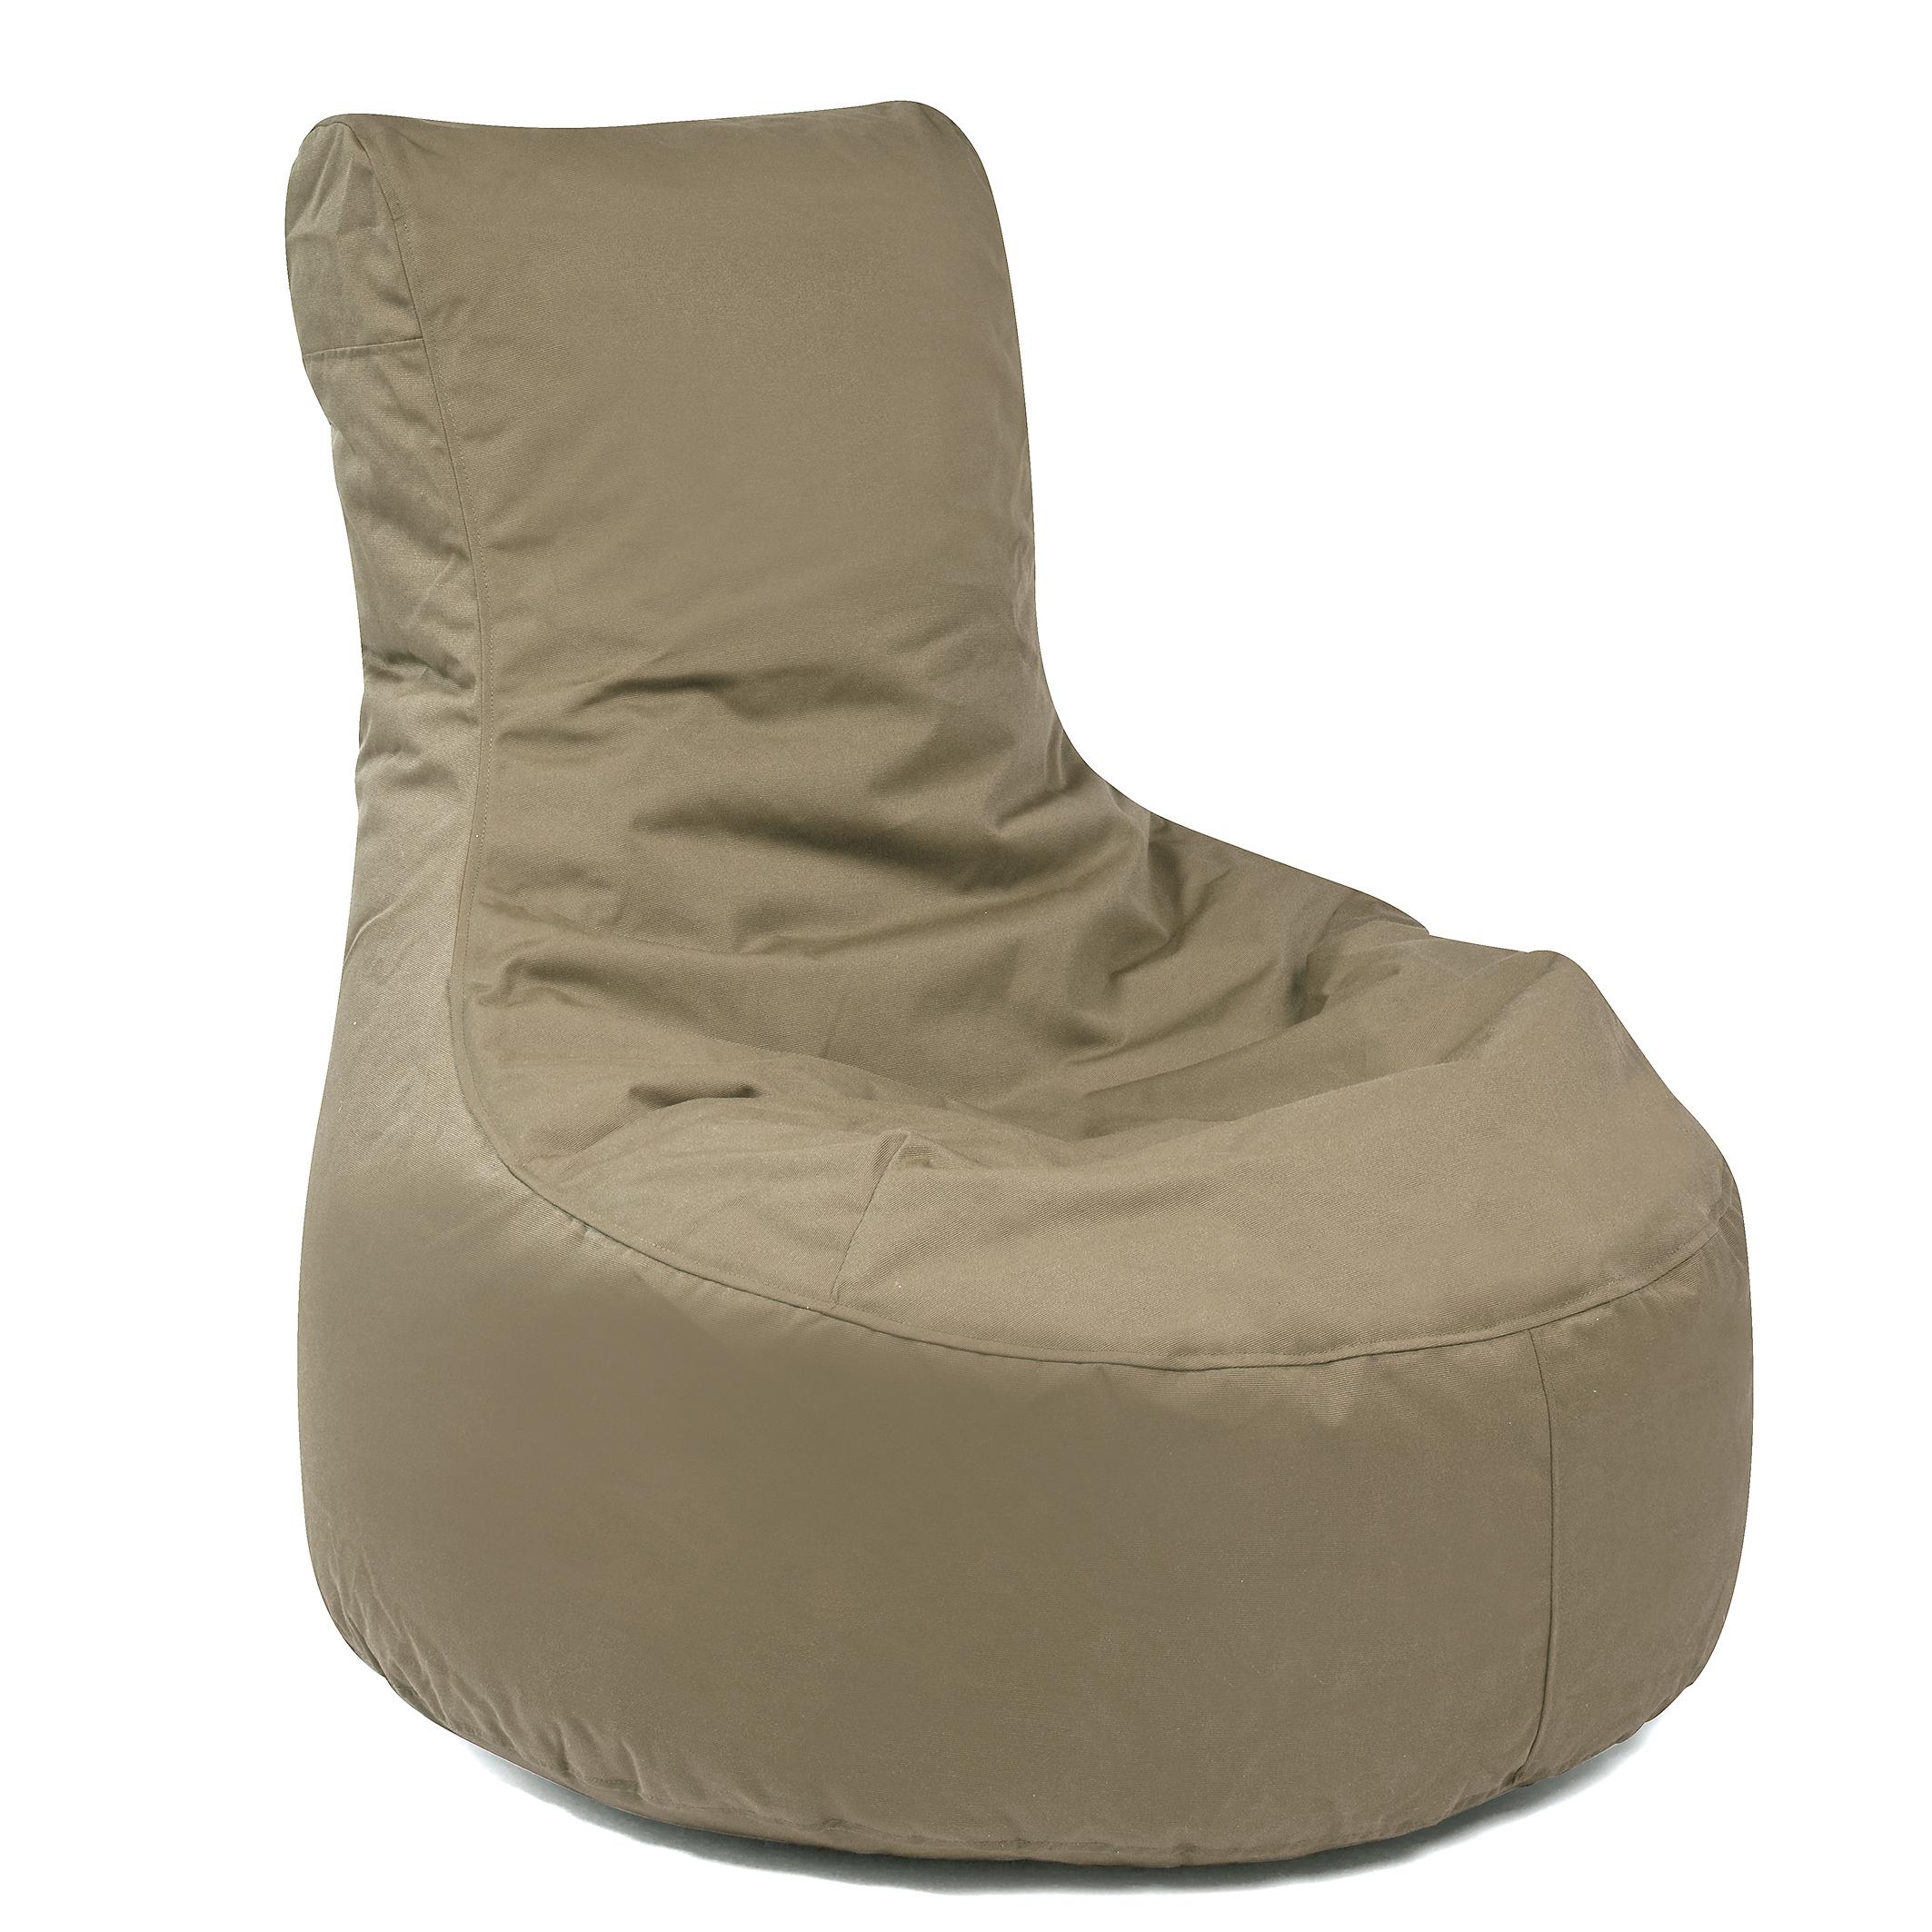 wetterfeste sitzsäcke für außen | howe-deko online shop, Schlafzimmer design